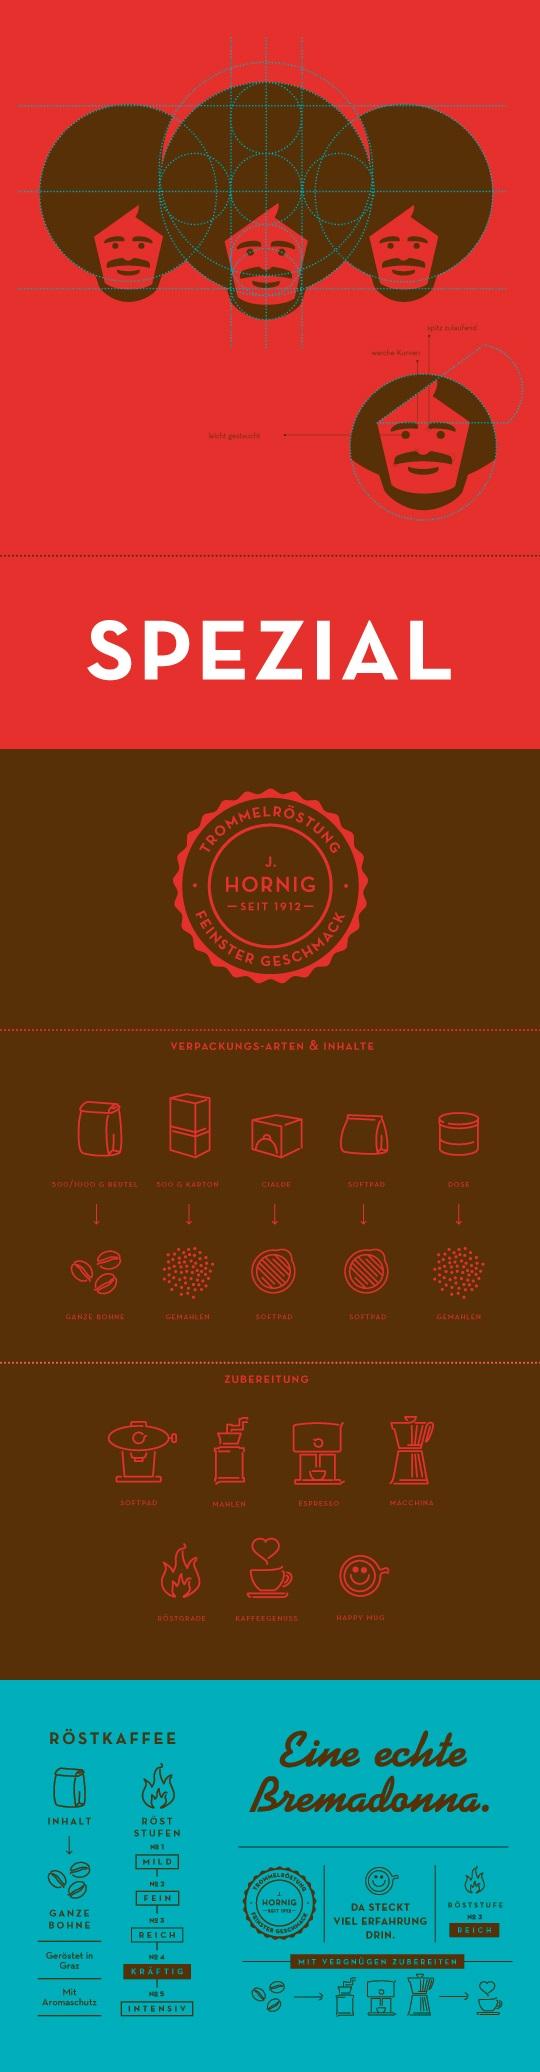 jhornig18